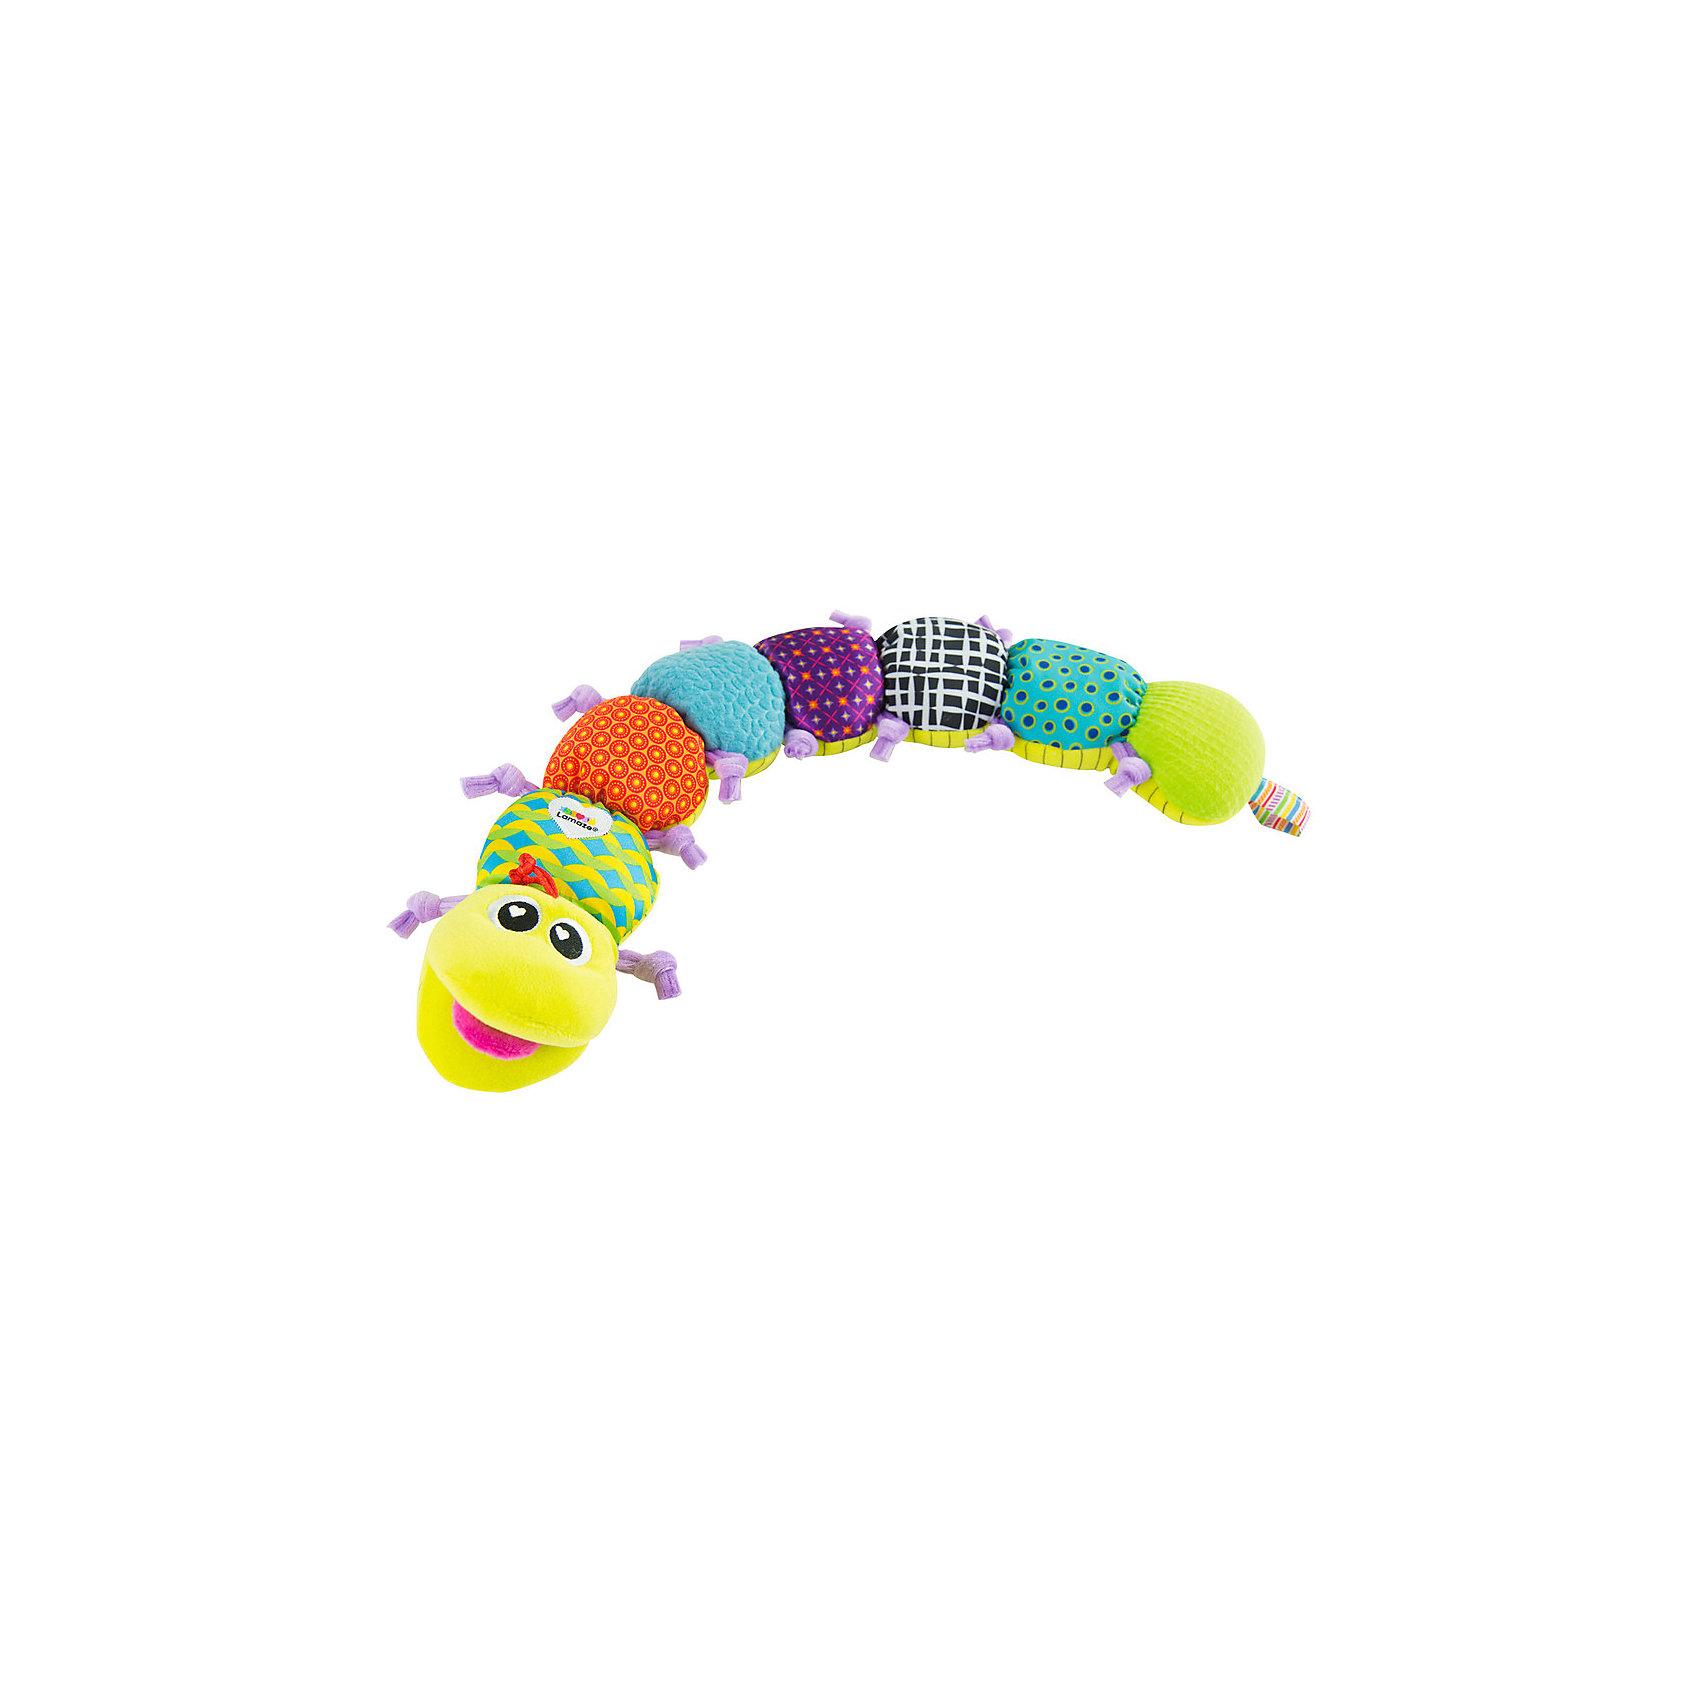 Игрушка Музыкальная гусеница, LamazeМягкие игрушки<br>Яркая игрушка для самых маленьких обязательно полюбится крохе. Гусеница выполнена из разноцветных материалов различной фактуры, что позволяет развивать мелкую моторику, сенсорное и цветовое восприятие. Если нажать на голову игрушки, заиграет веселая музыка (ламбада). Вторая часть гусеницы- шершавая, в третьем отделе спрятан колокольчик, четвертый и шестой отделы шелестят, в пятом находится пищалка, в последнем отделе - погремушка. На животе гусеницы нарисован ростомер для детей. Выполненная из безопасных гипоаллергенных материалов эта игрушка станет прекрасным подарком для любого крохи.<br><br>Дополнительная информация:<br><br>- Материал: текстиль.<br>- Размер: 61,5 х 10 см<br>- Цвет: разноцветный.<br>- Звуковые эффекты: есть.<br>- Пищалка, колокольчик, погремушка. <br>- Батарейки не требуются.<br><br>Игрушку Музыкальная гусеница, Lamaze можно купить в нашем магазине.<br><br>Ширина мм: 232<br>Глубина мм: 152<br>Высота мм: 244<br>Вес г: 307<br>Возраст от месяцев: 0<br>Возраст до месяцев: 12<br>Пол: Унисекс<br>Возраст: Детский<br>SKU: 1860563